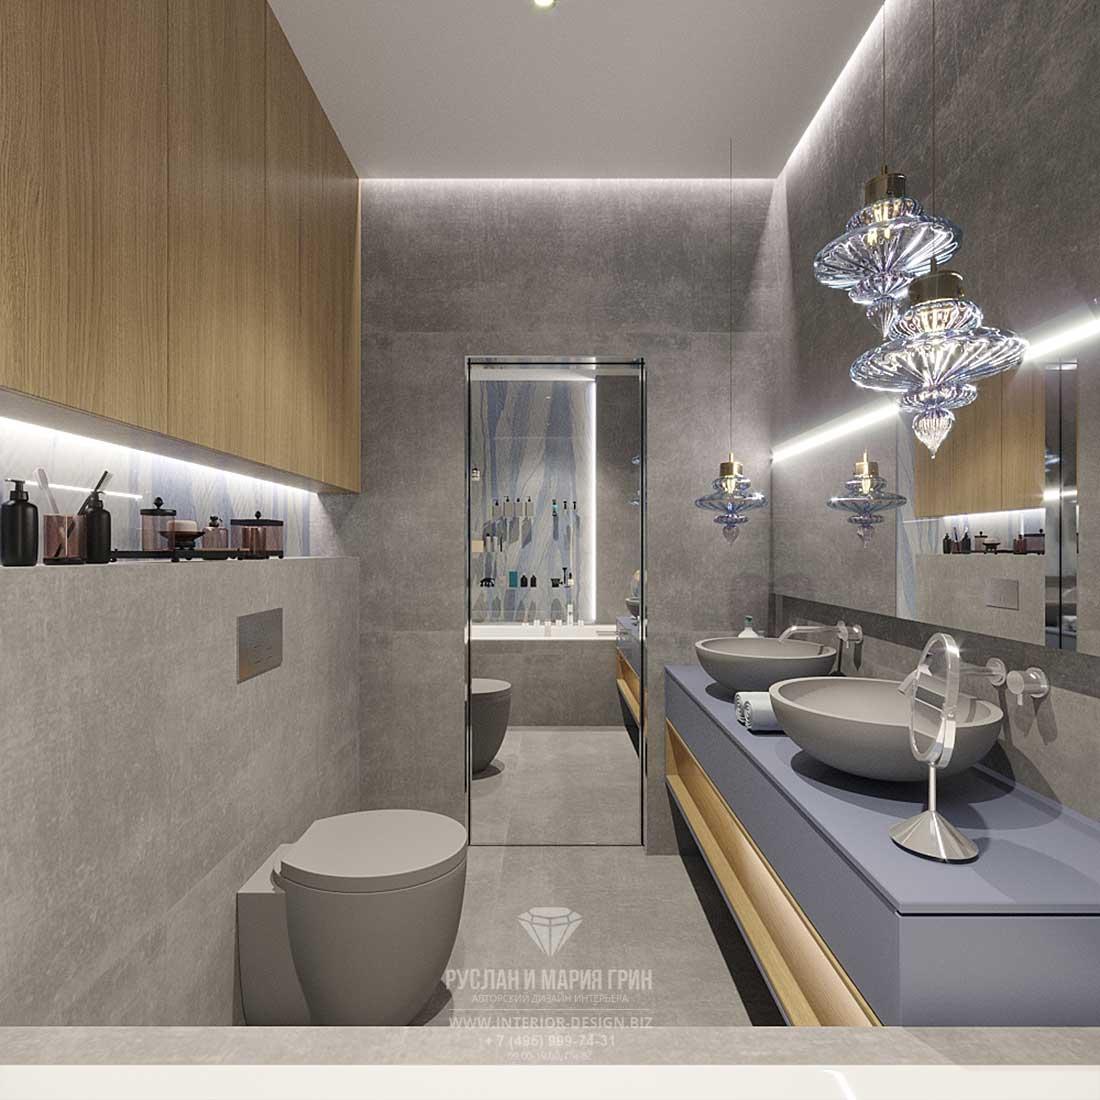 Дизайн современной ванной комнаты с отделкой под бетон